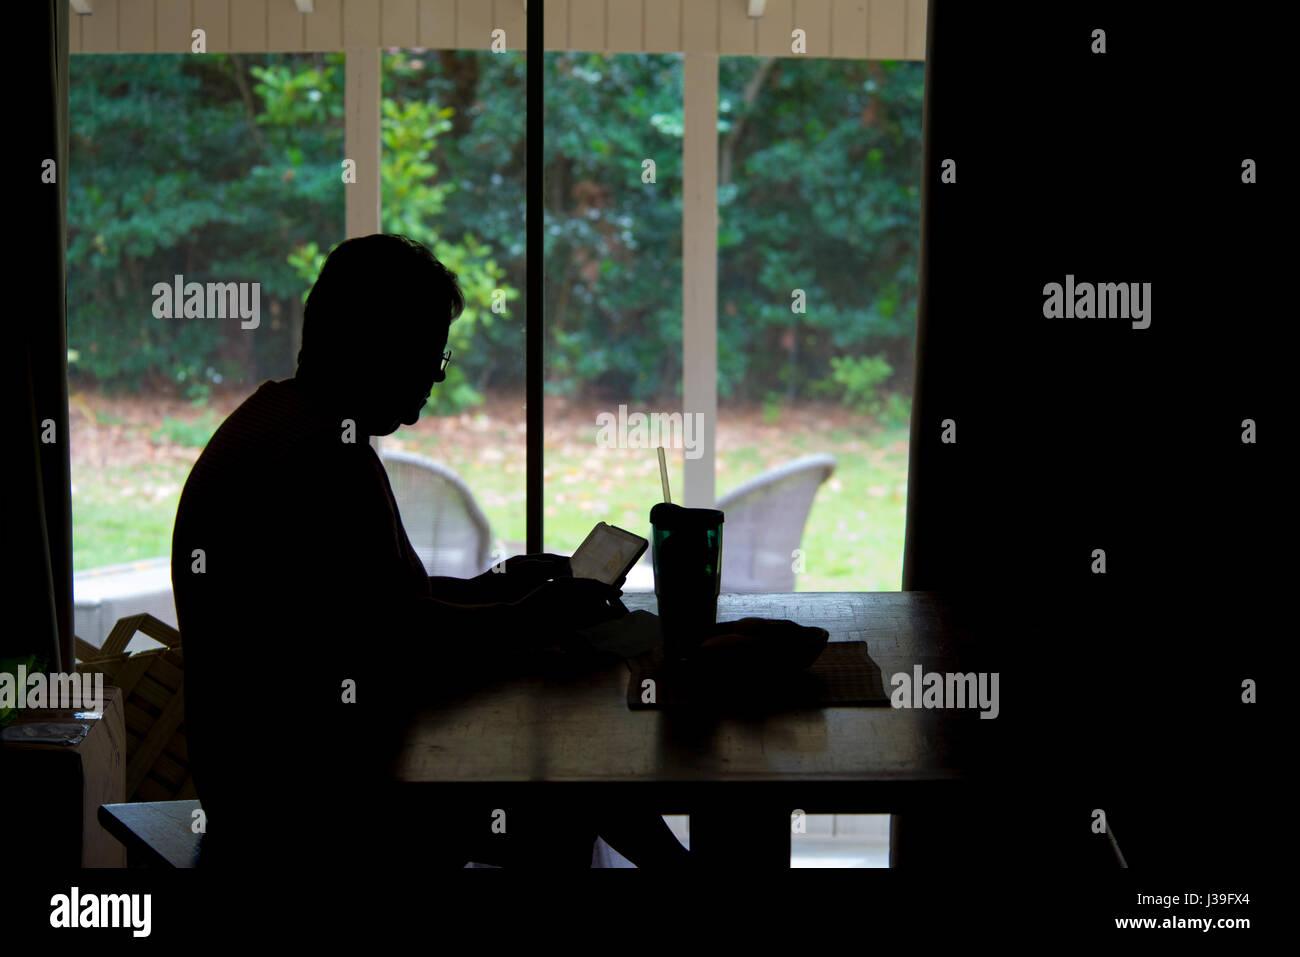 Silhouette de dame à table avec l'iPad ou ordinateur portable travailler Photo Stock